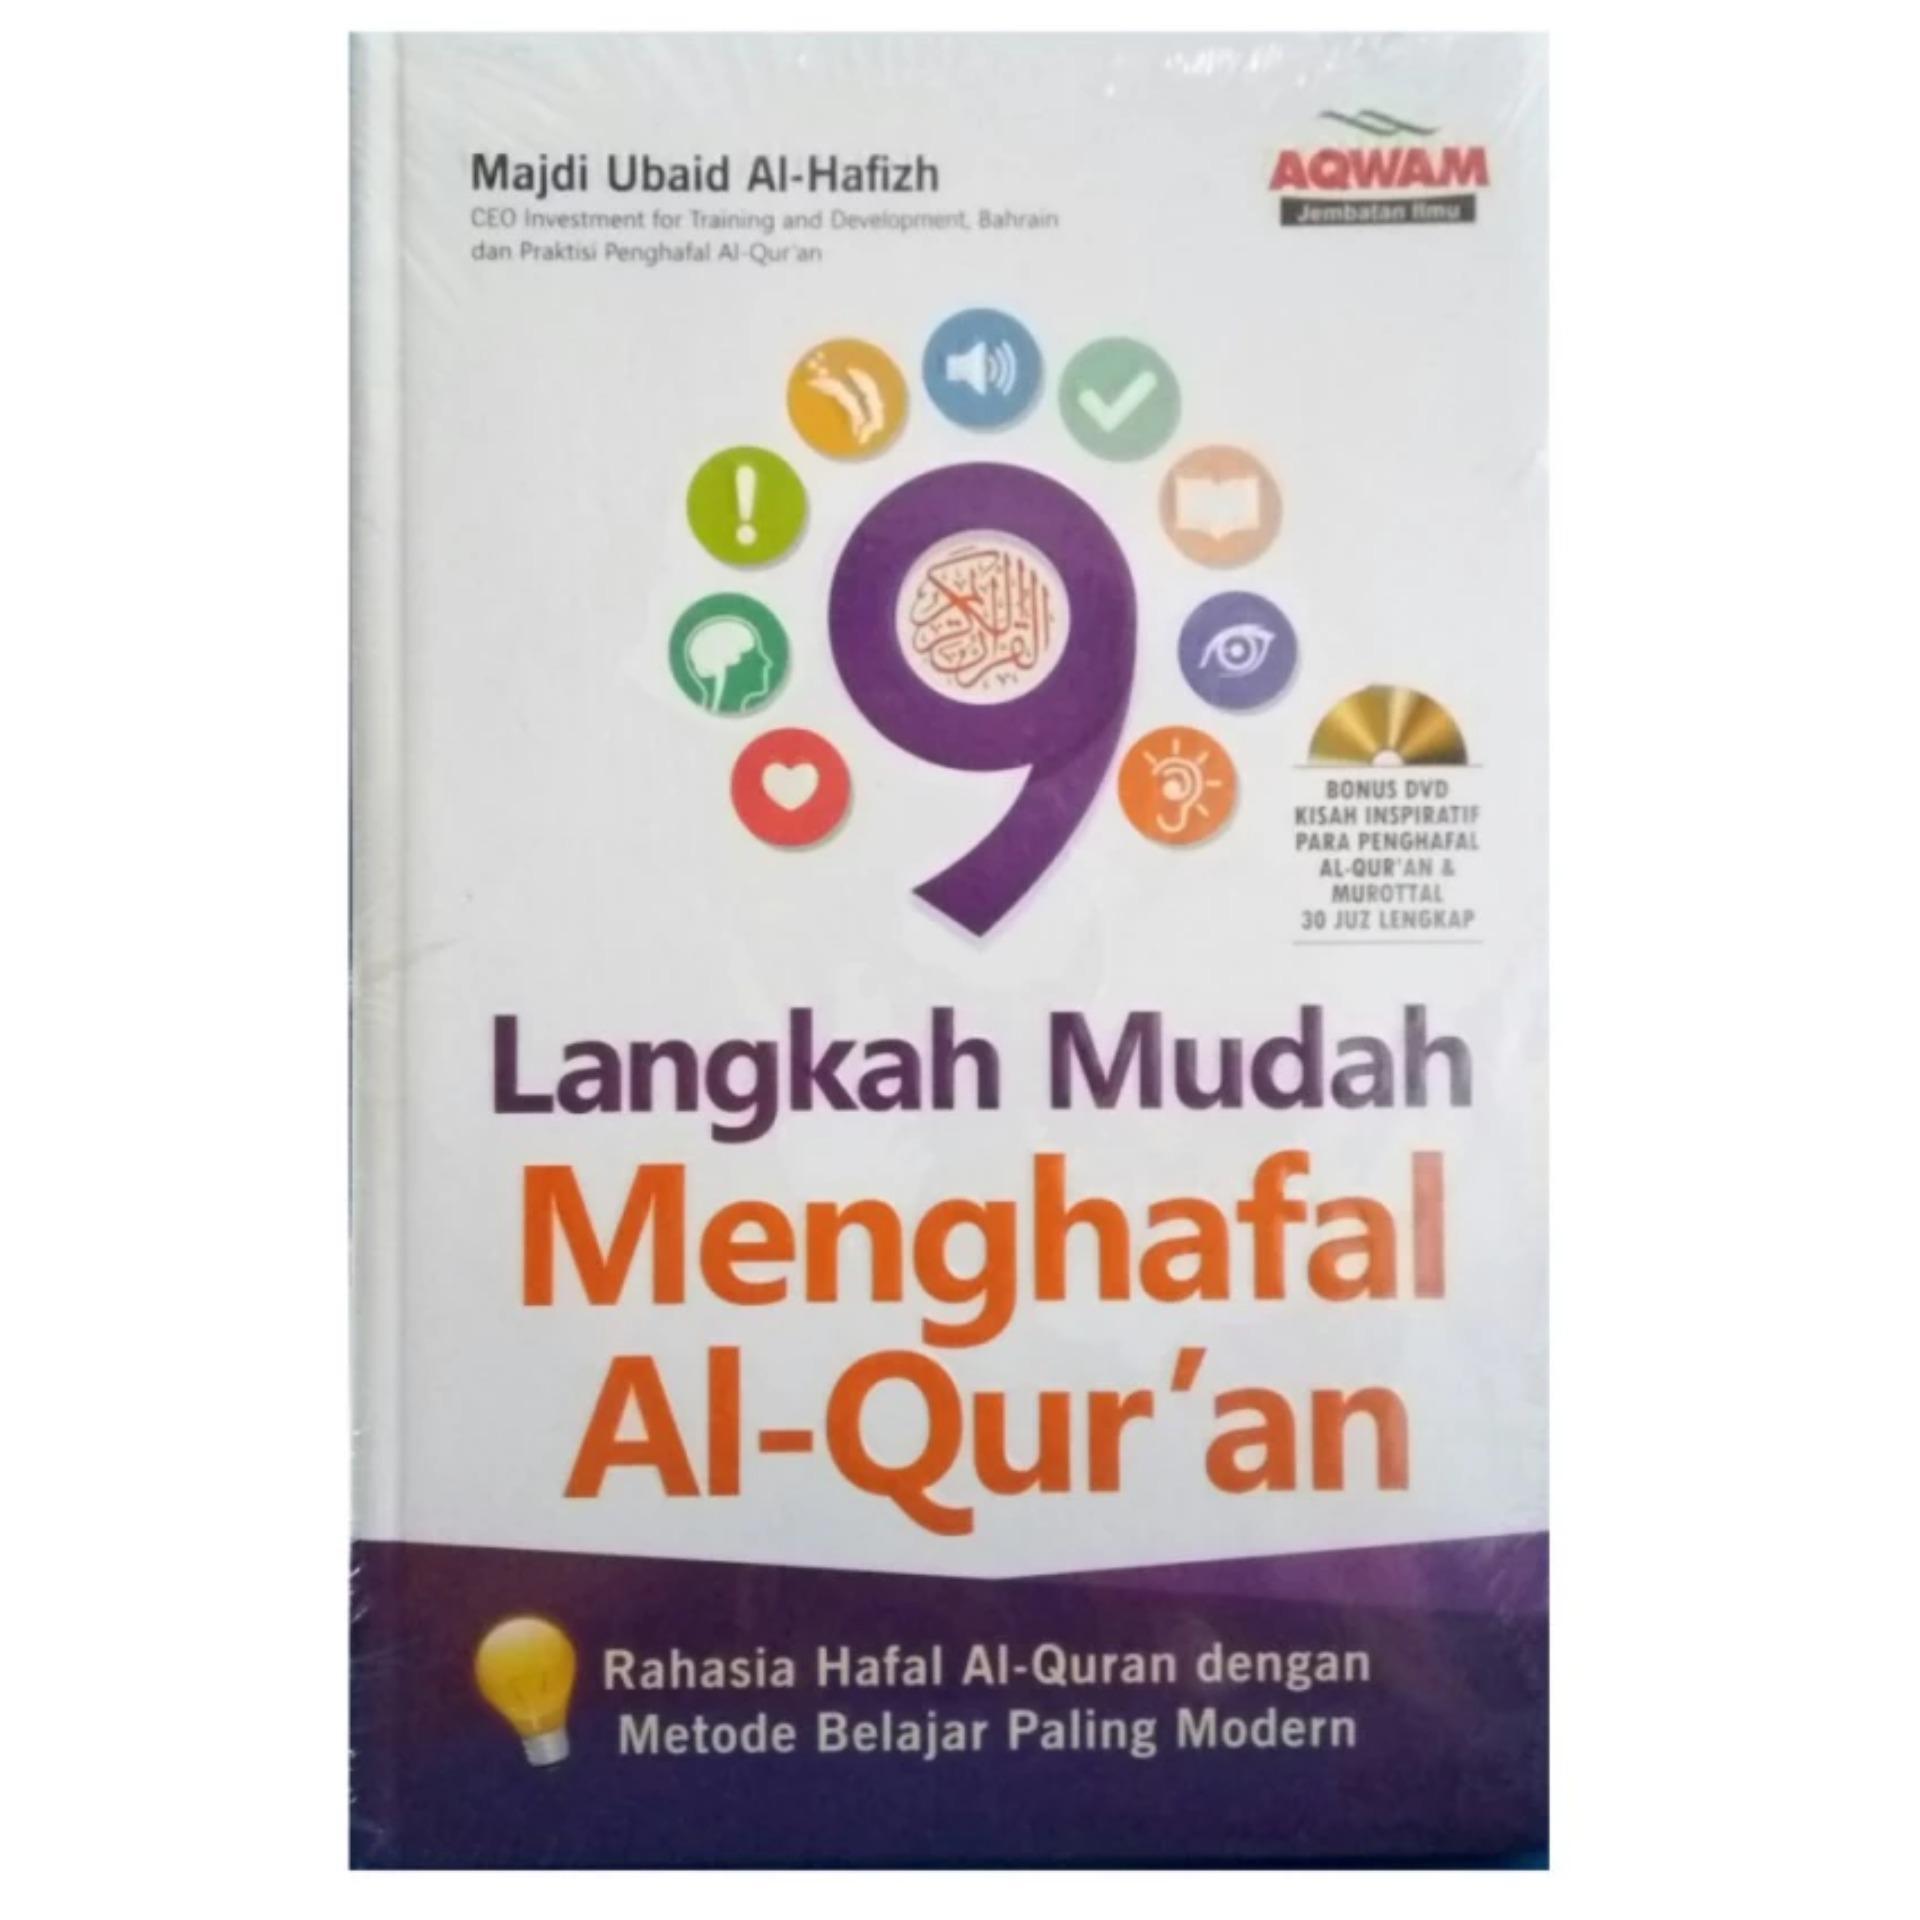 Aqwam - 9 Langkah Mudah Menghafal Al Quran